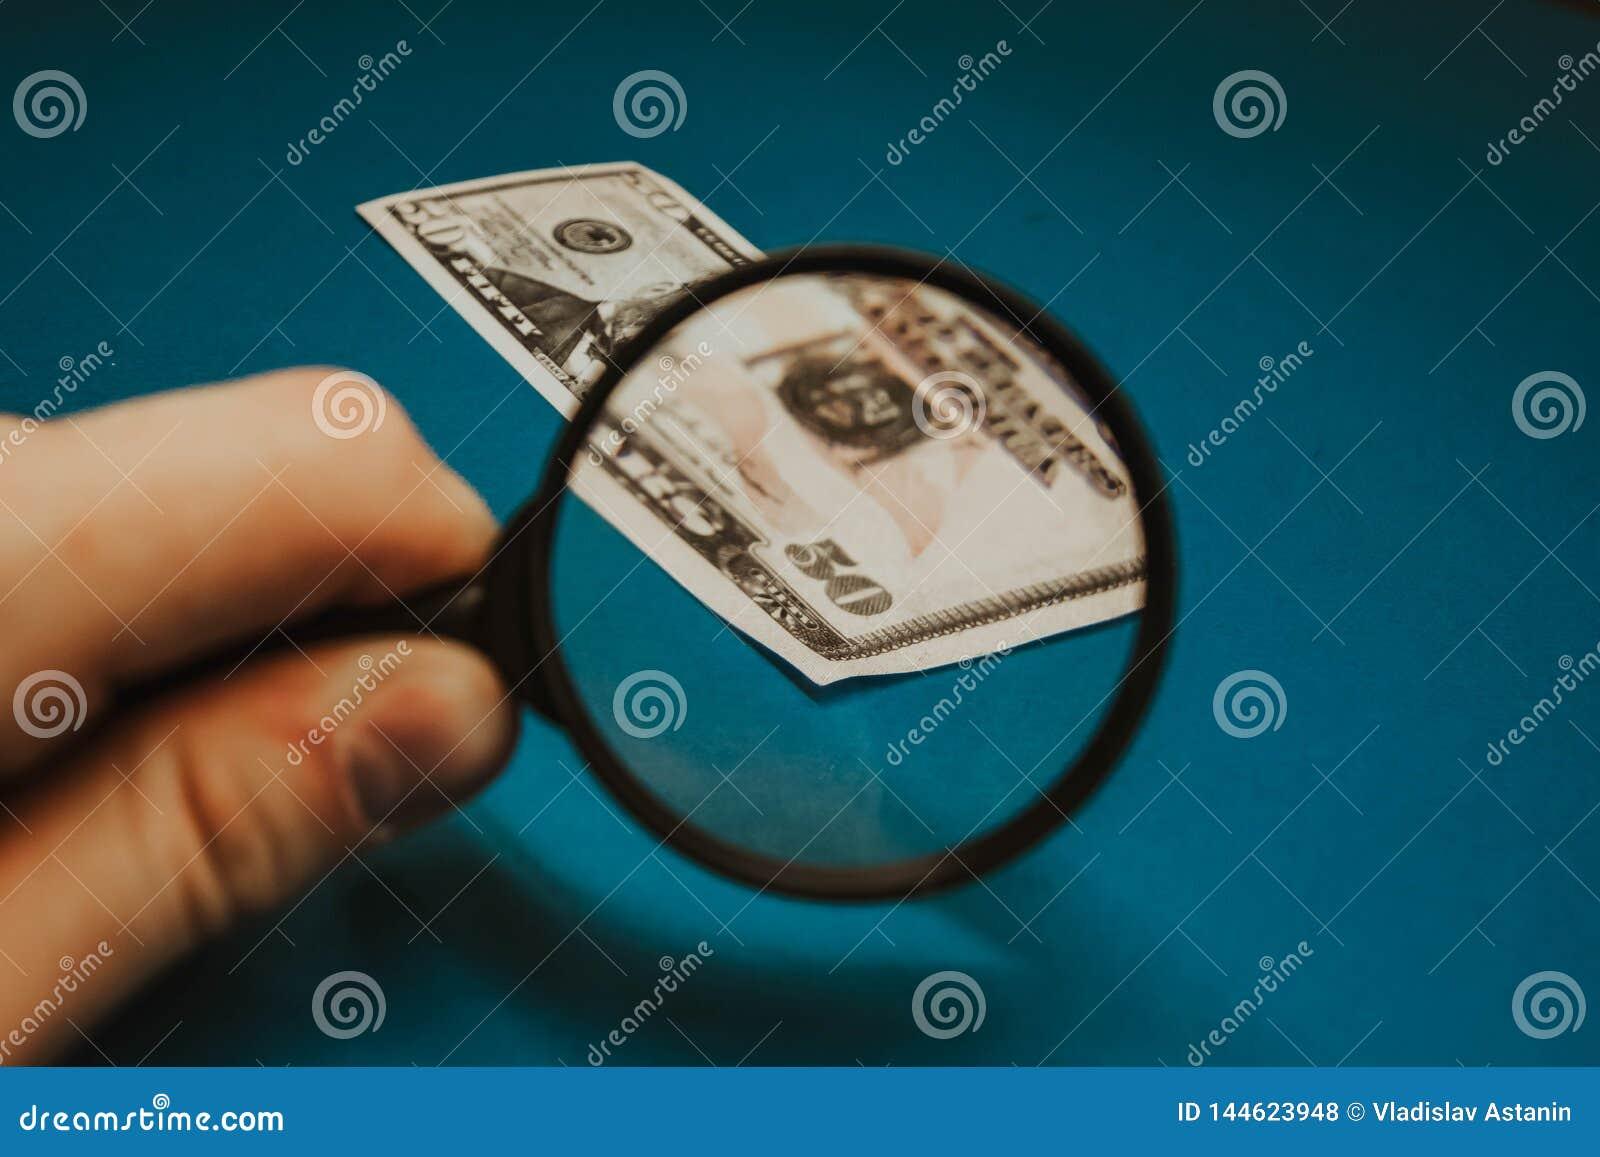 Vijftig dollarrekening op een blauwe achtergrond die door een vergrootglas worden bestudeerd